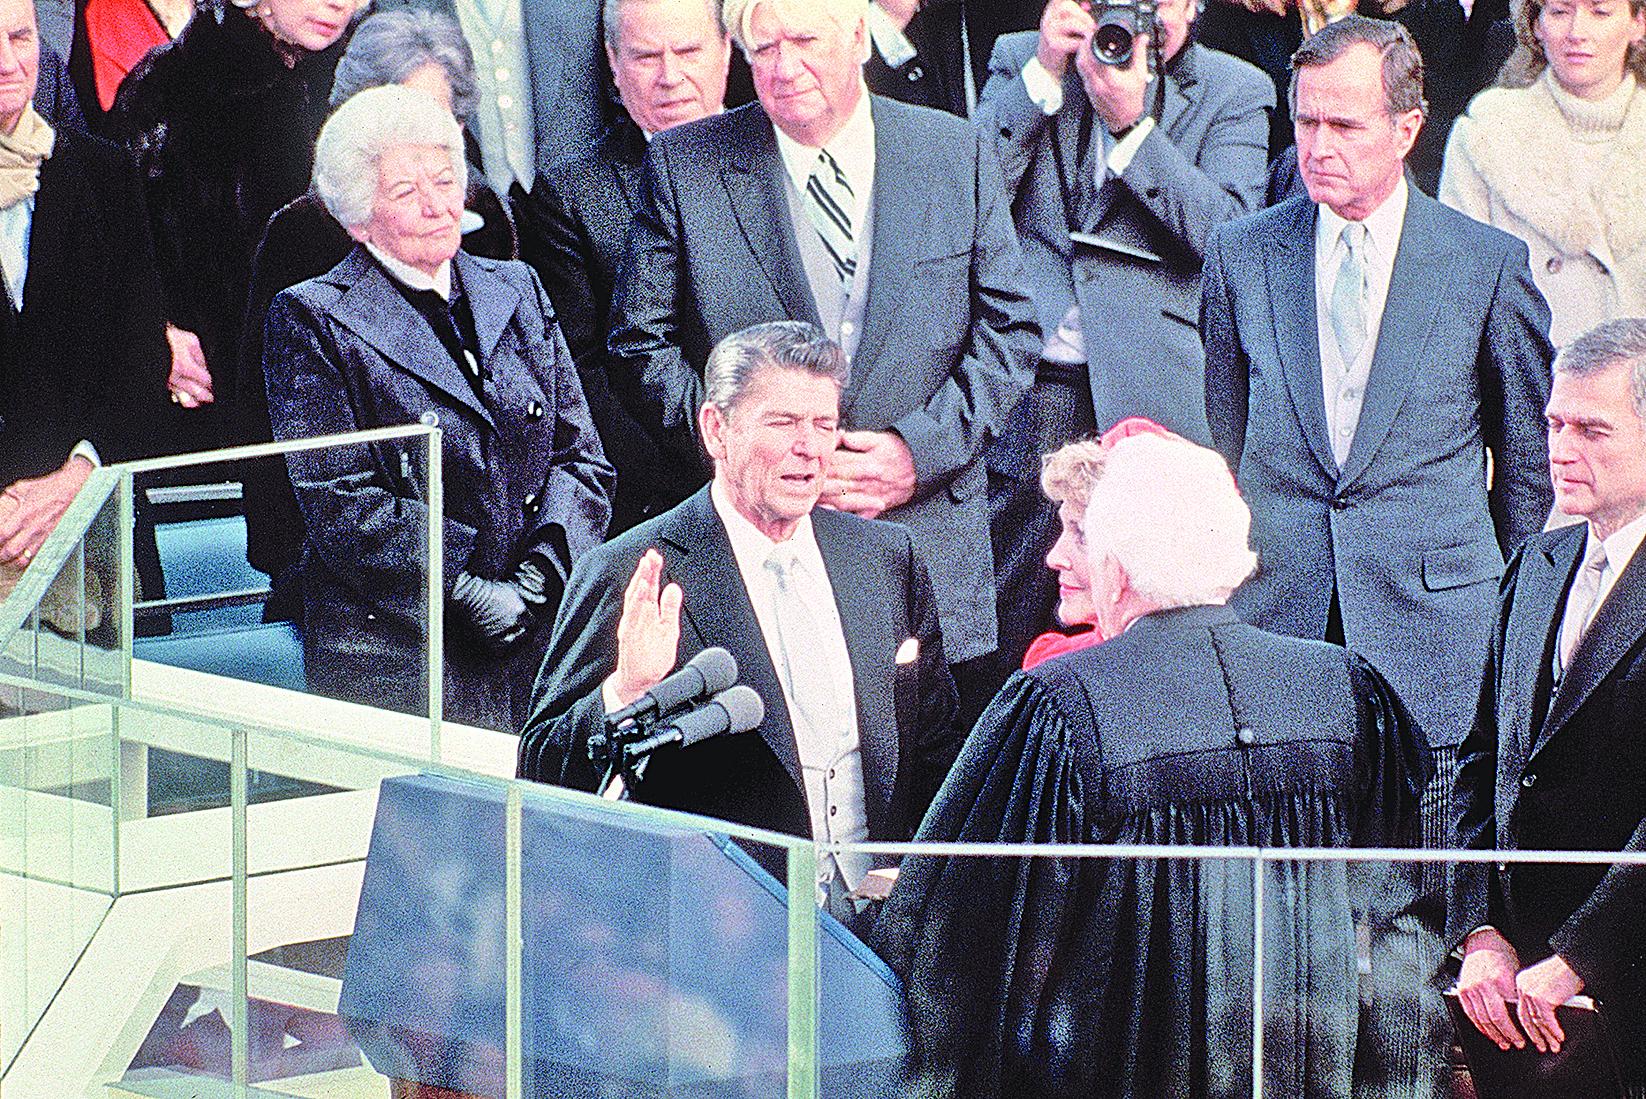 美國媒體把第40任總統列根評選為「二十世紀最偉大的美國總統」,與成功對法西斯宣戰,帶領美國贏得二戰勝利的羅斯福並列。圖為列根在就任美國總統儀式上宣誓。(Getty Images)